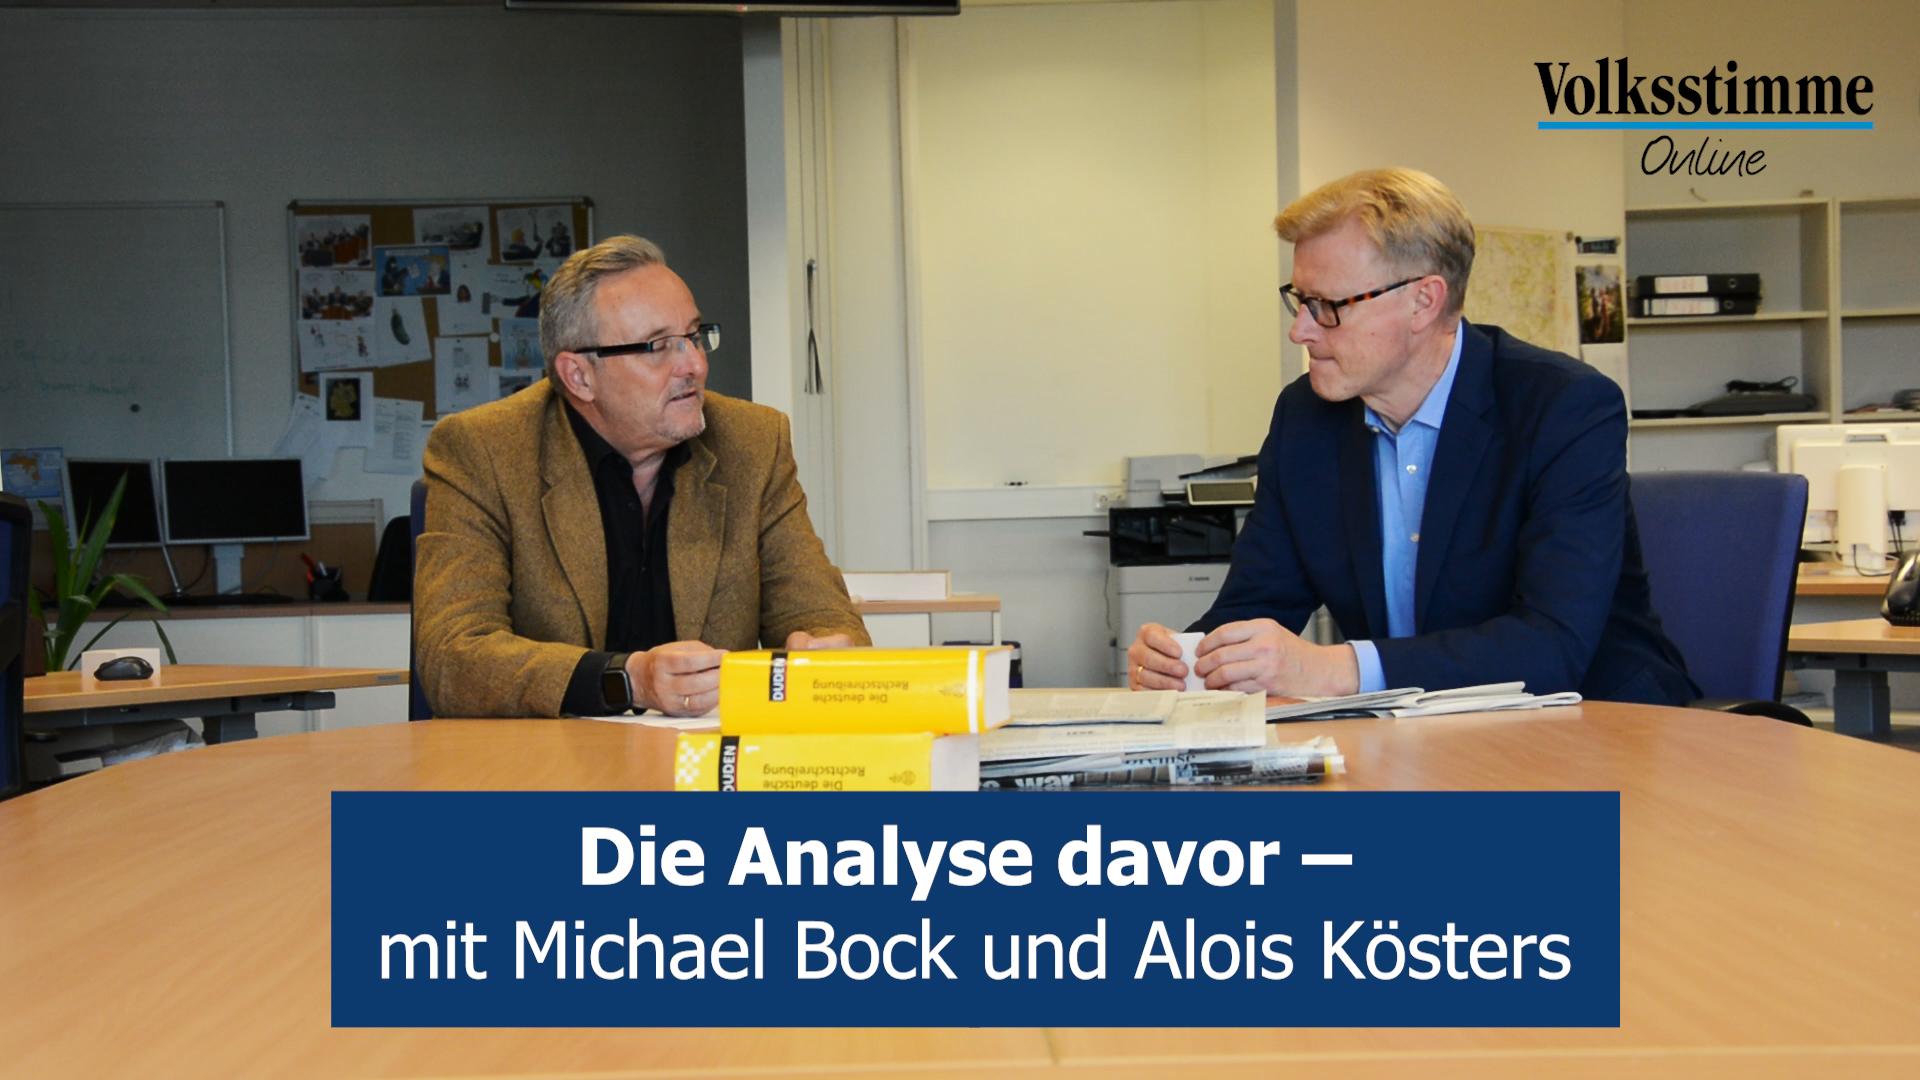 Landtagswahl Sachsen-Anhalt 2021: Die Analyse davor – mit Alois Kösters und Michael Bock